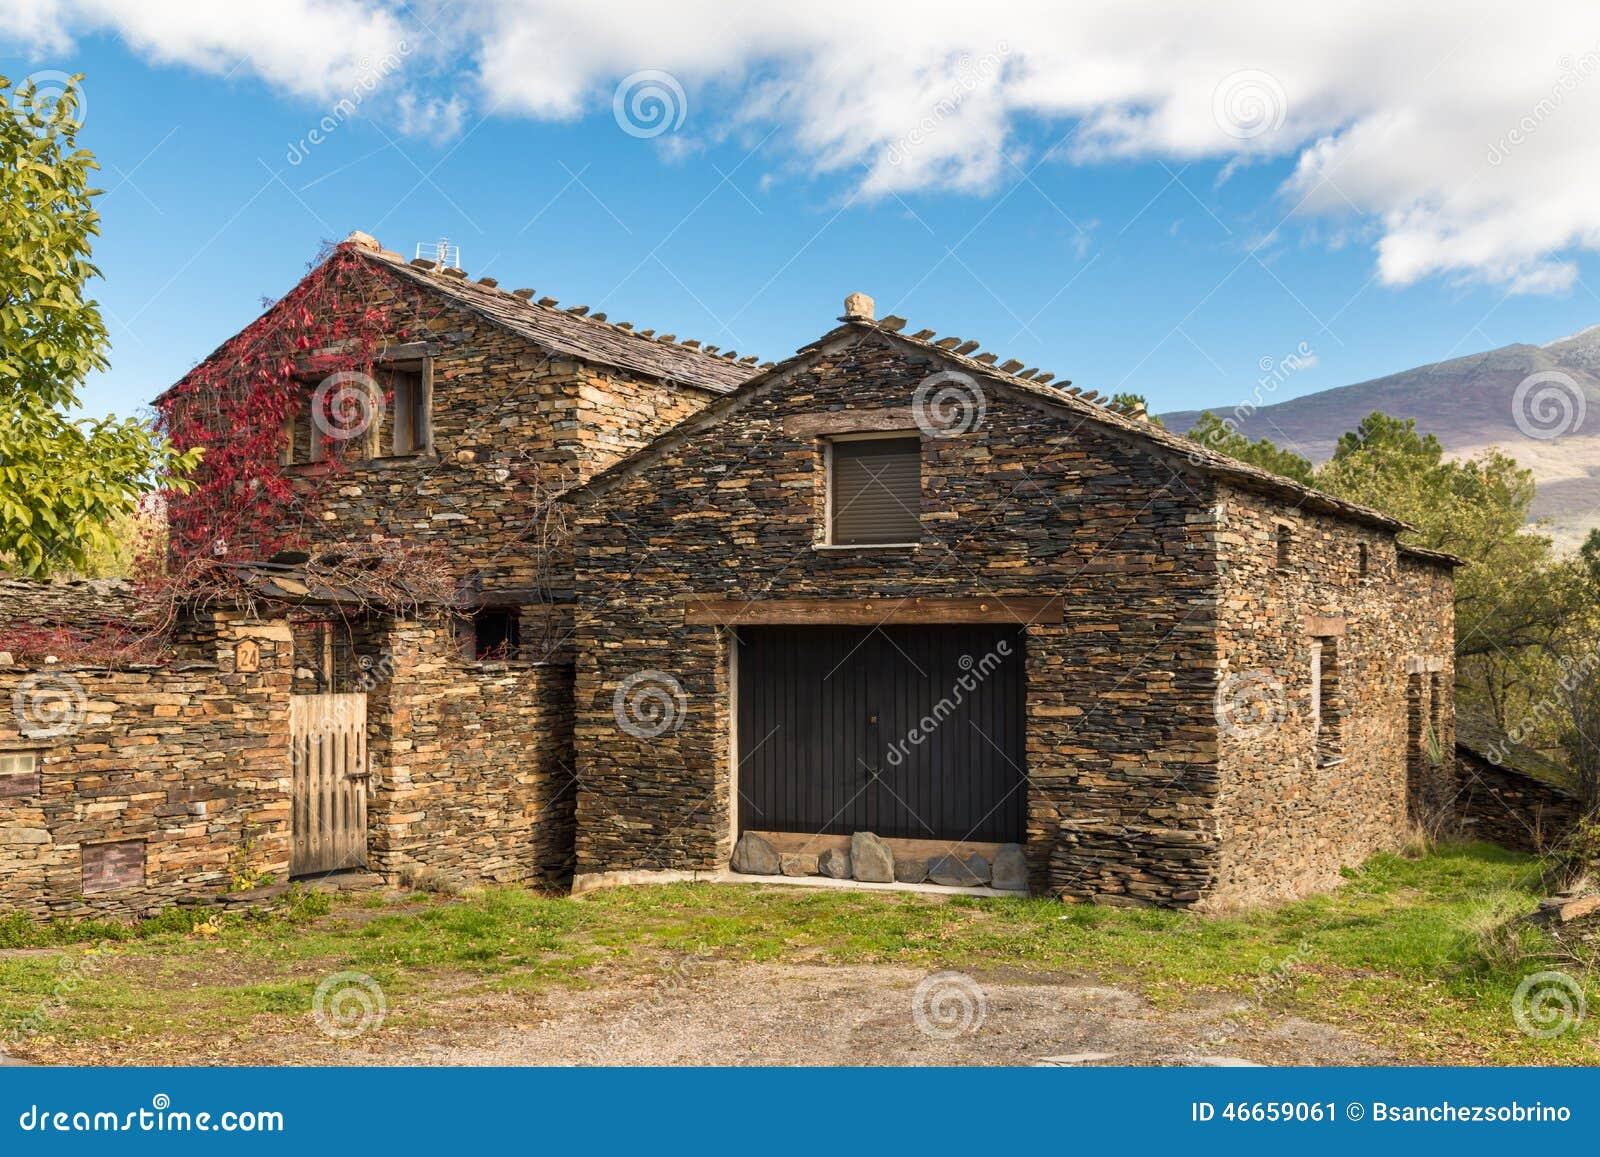 Slate stone house in guadalajara spain stock photo for Black stone house